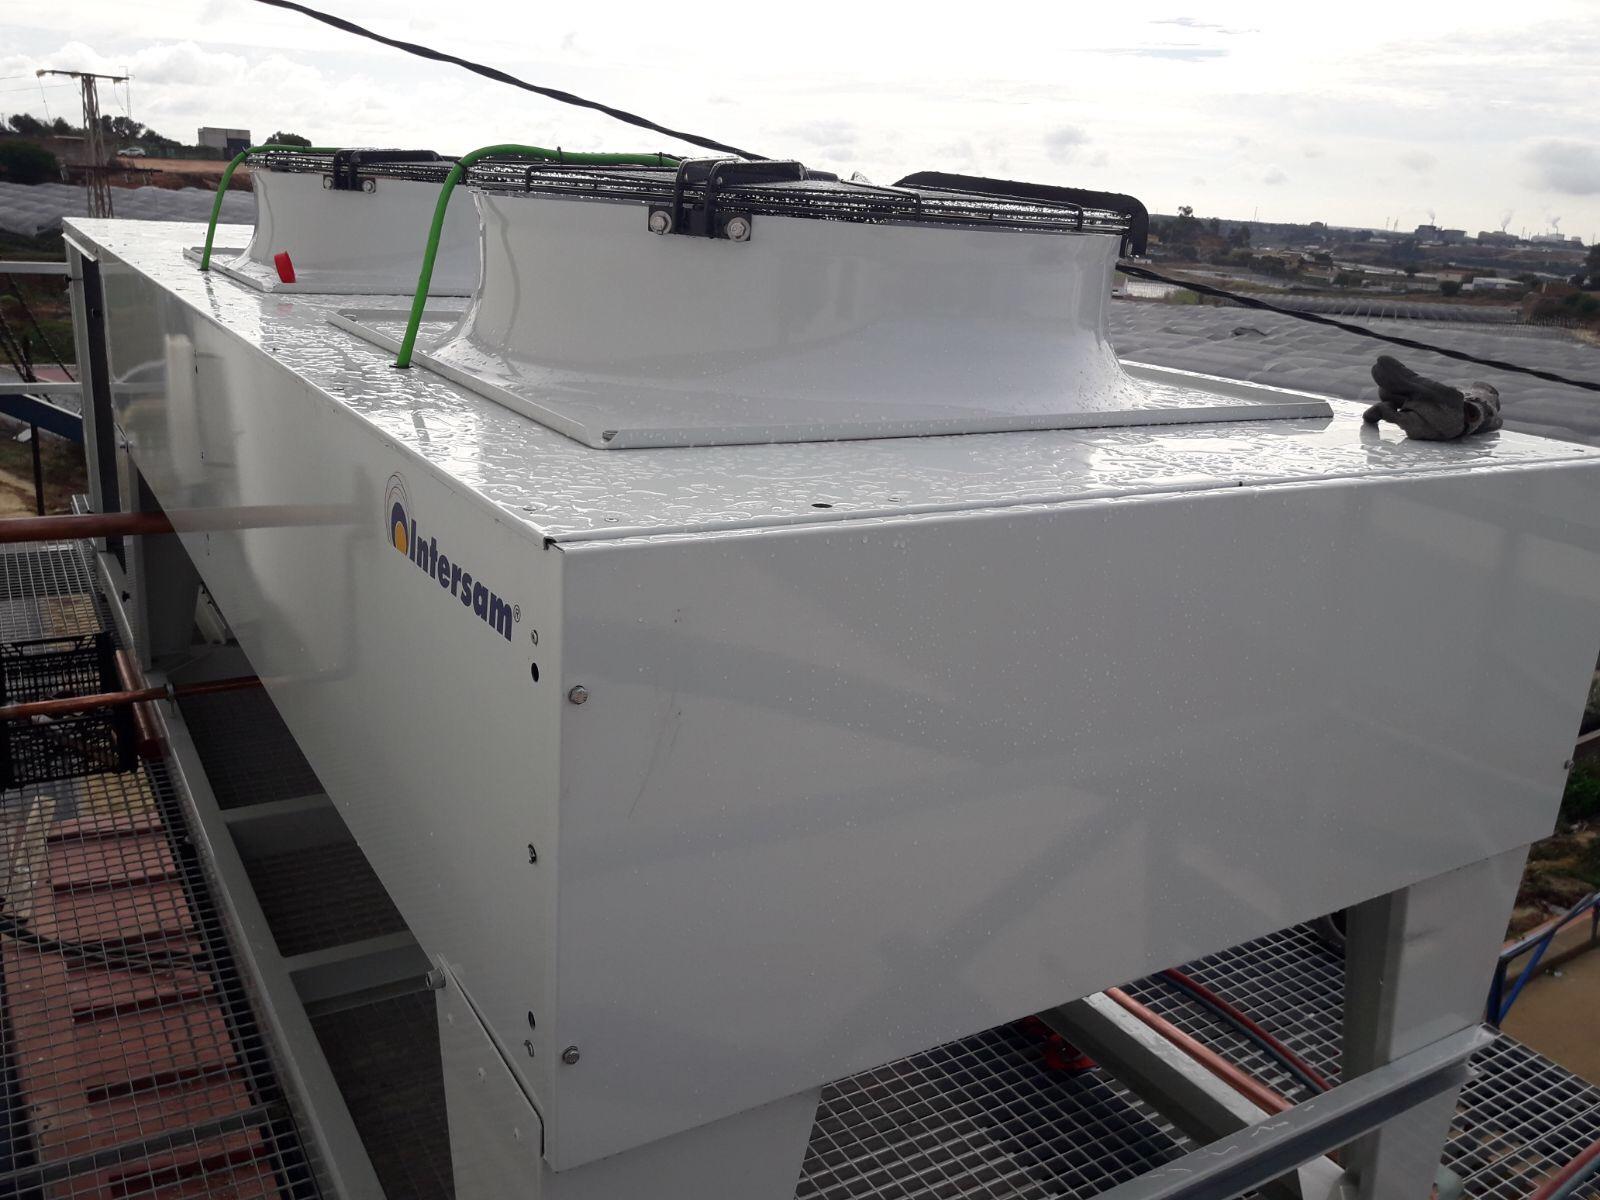 Unidad condensadora carrozada con compresor de 33 Cv colocado sobre soporte metálico. Refrigeración Industrial